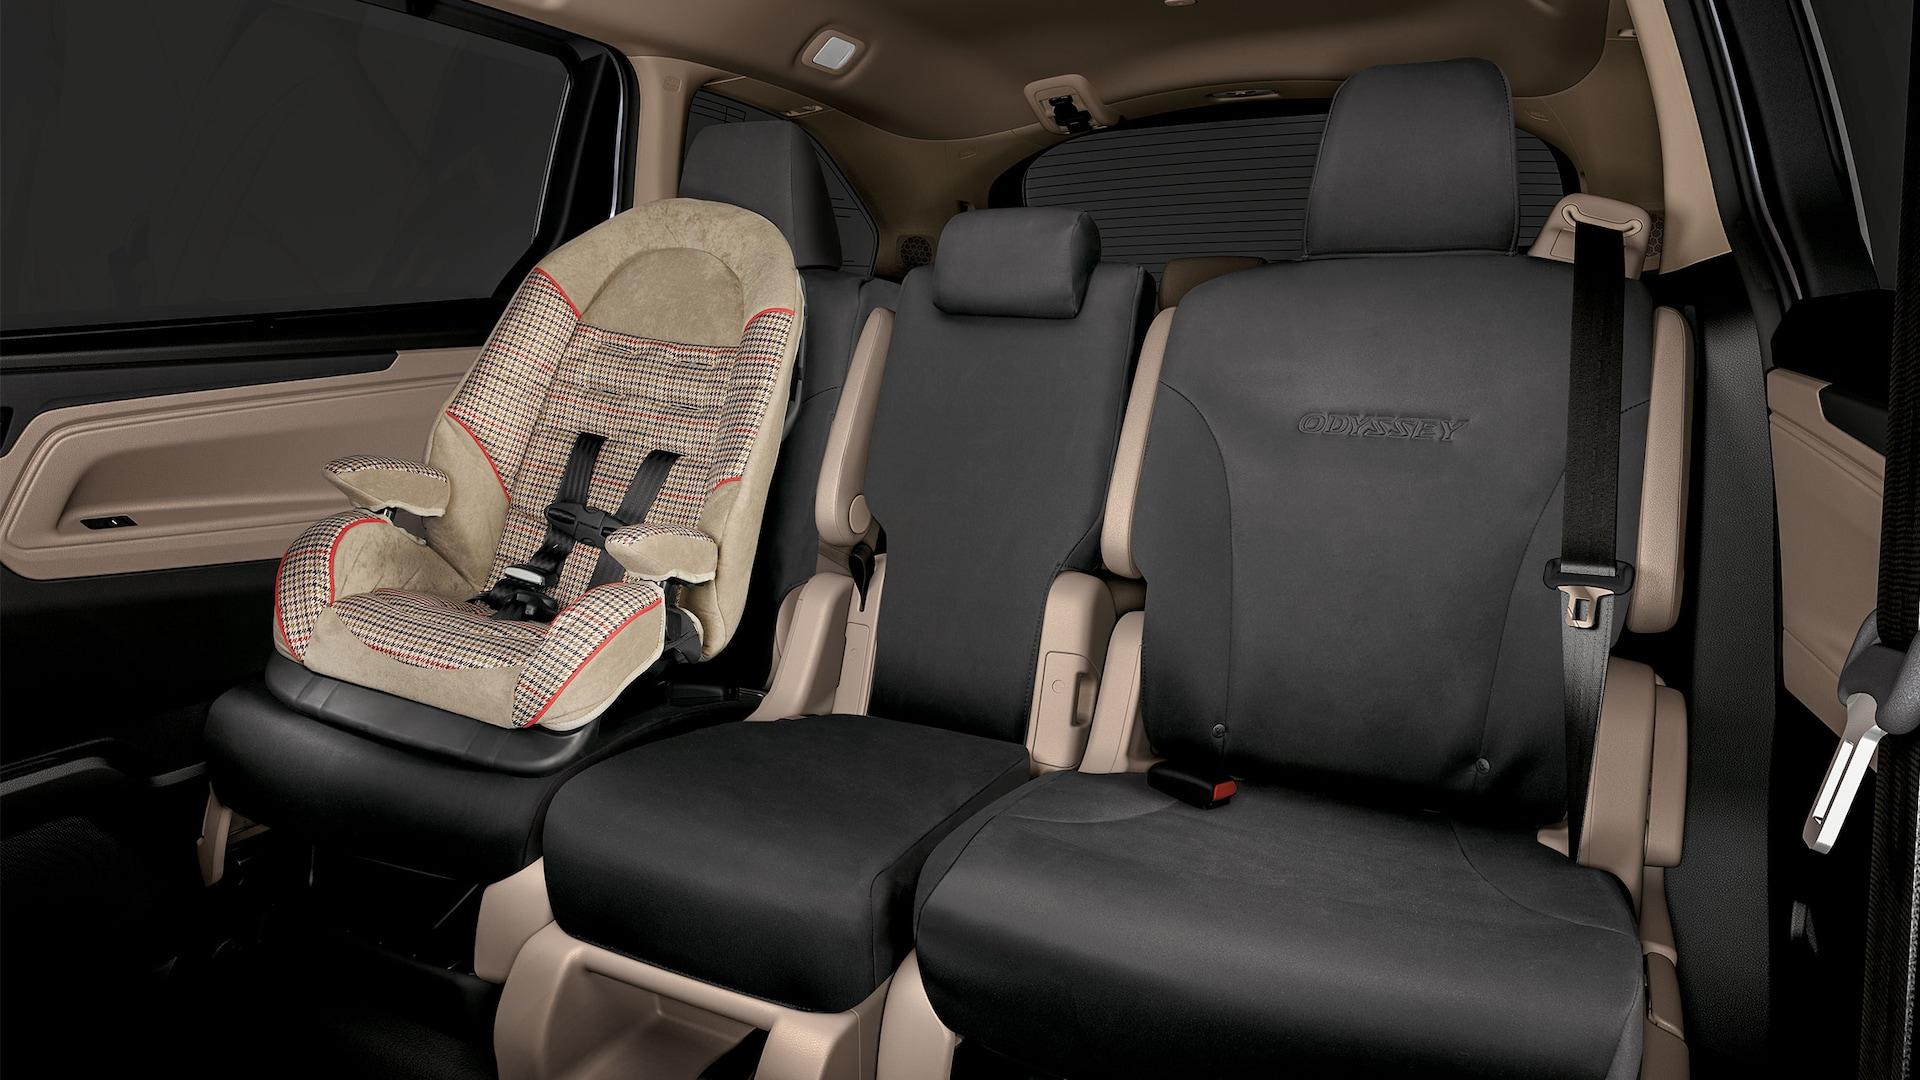 Detalle del accesorio de cubiertas para asientos de la segunda y tercera fila de la Honda Odyssey2020.